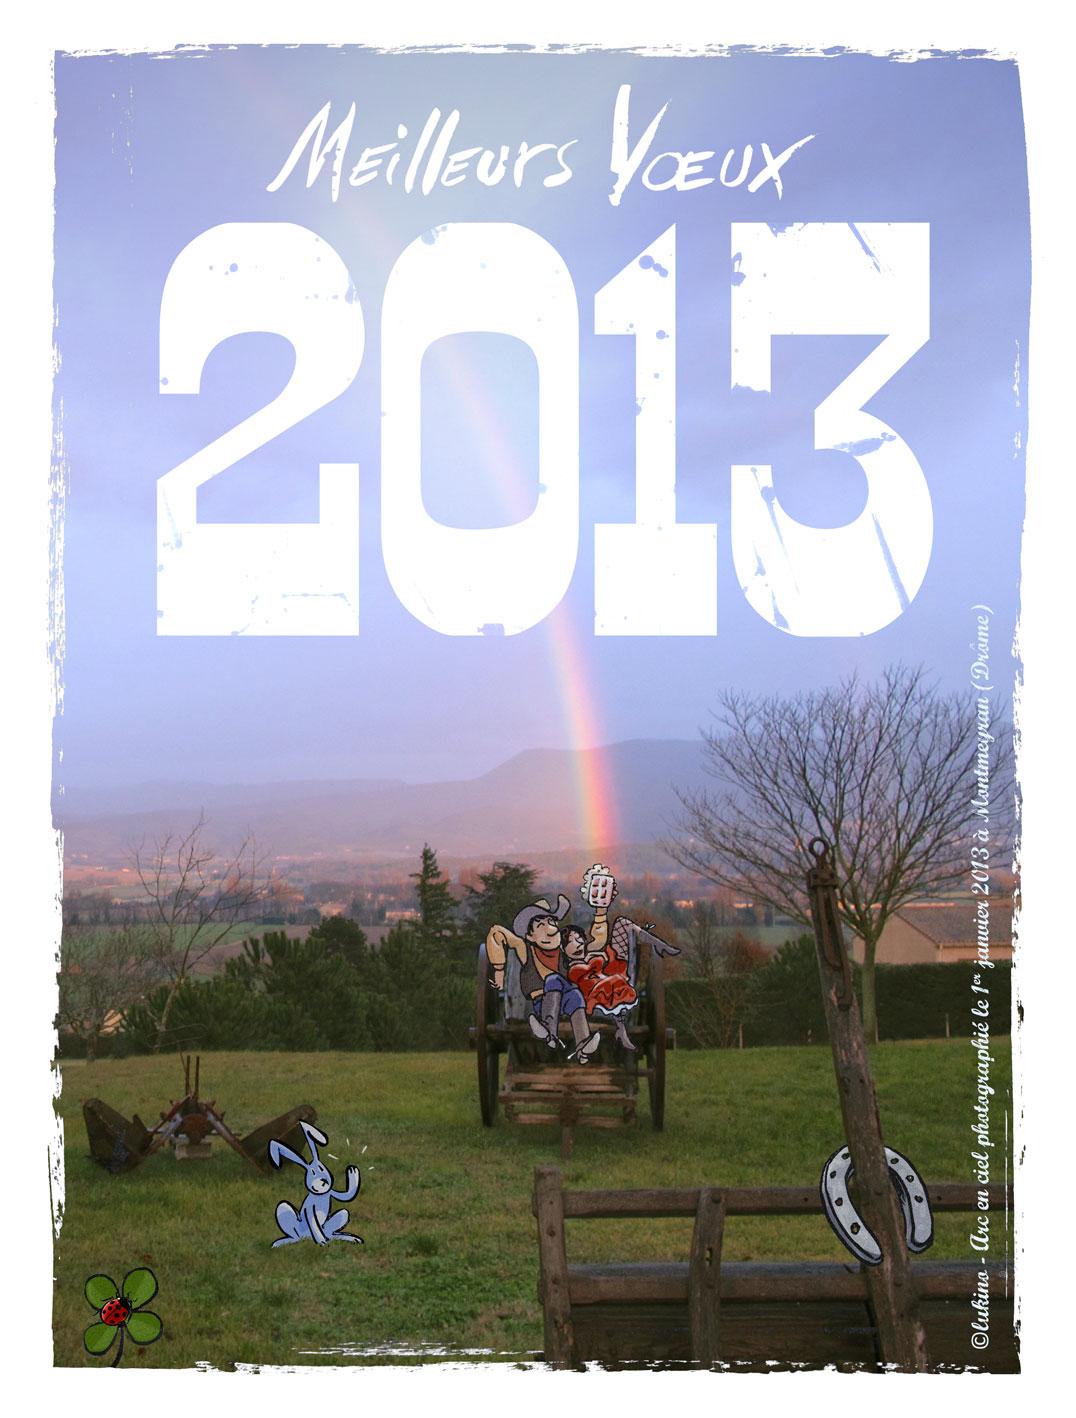 Arc en ciel, trèfle à 4 feuilles, fer à cheval, coccinelle, patte de lapin, bois, à Montmeyran